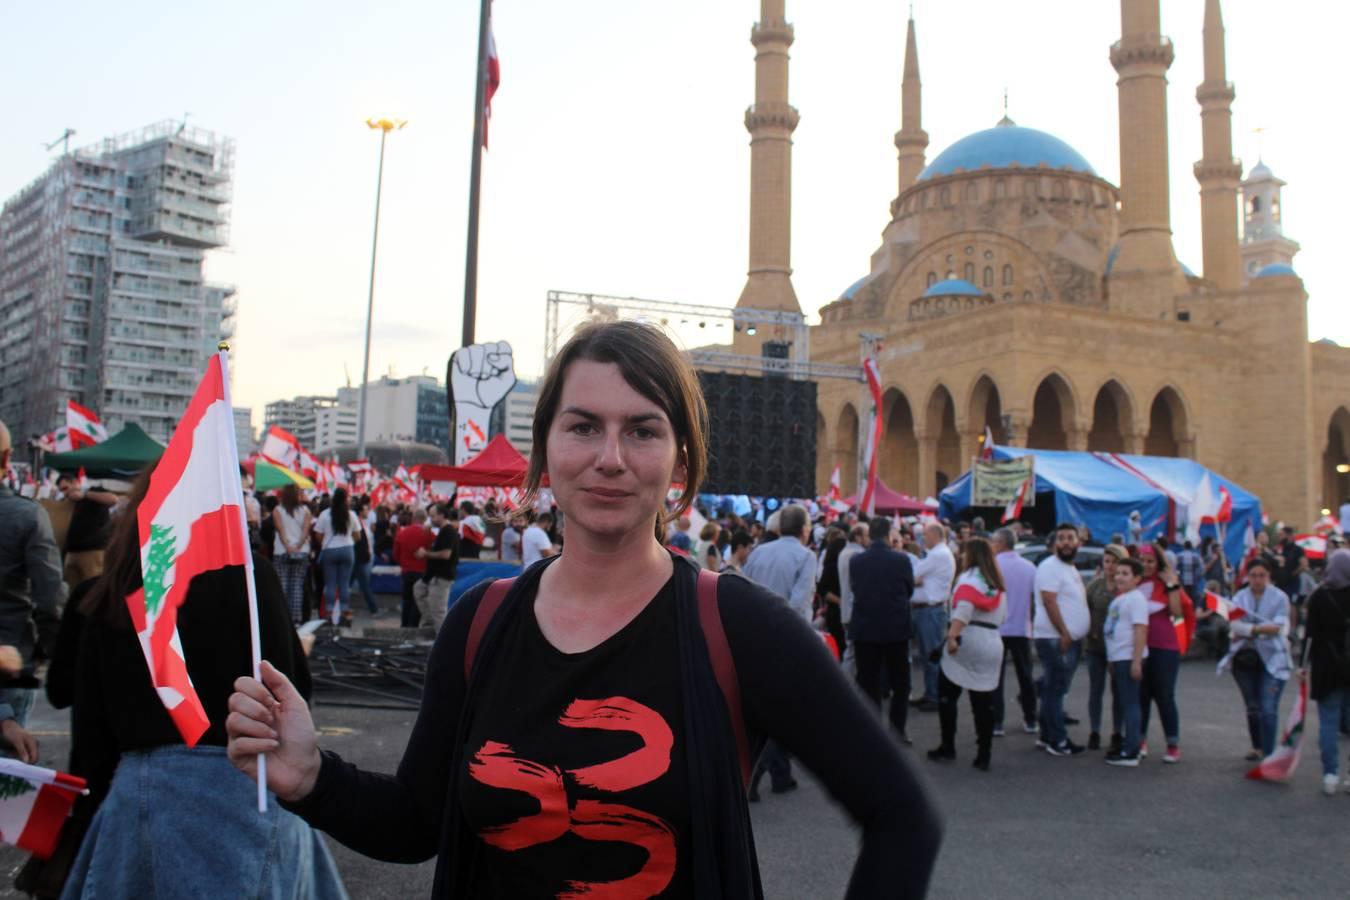 Správy z revolučného Libanonu